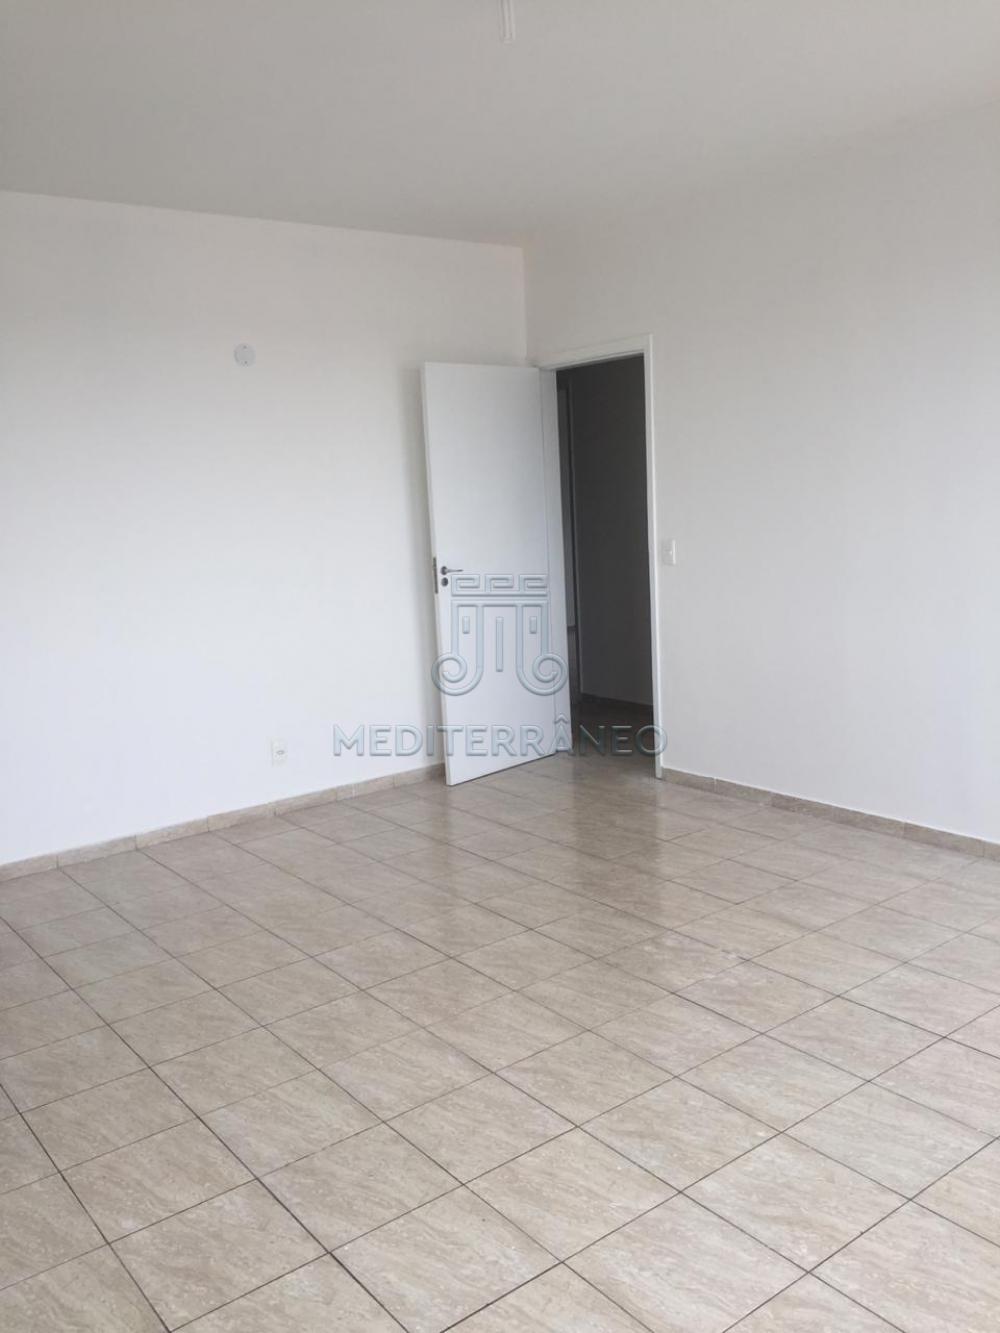 Alugar Apartamento / Padrão em Jundiaí apenas R$ 1.450,00 - Foto 16